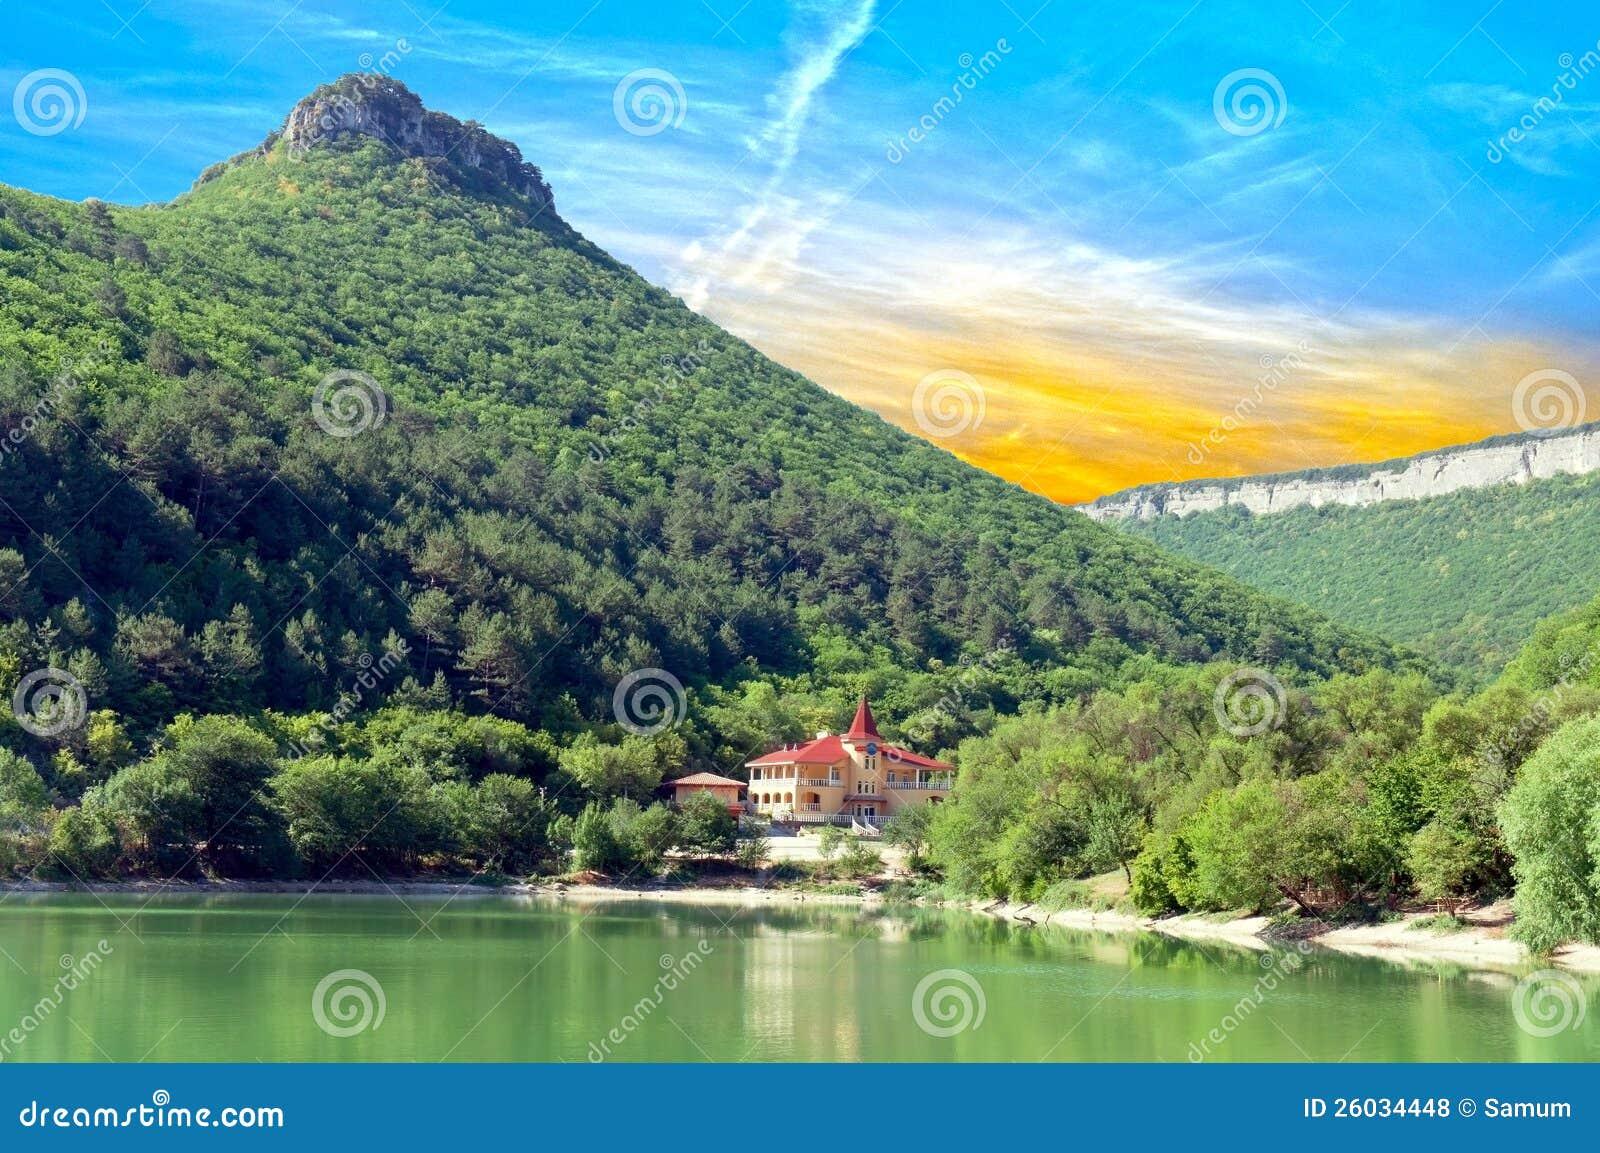 Hus ashore lake